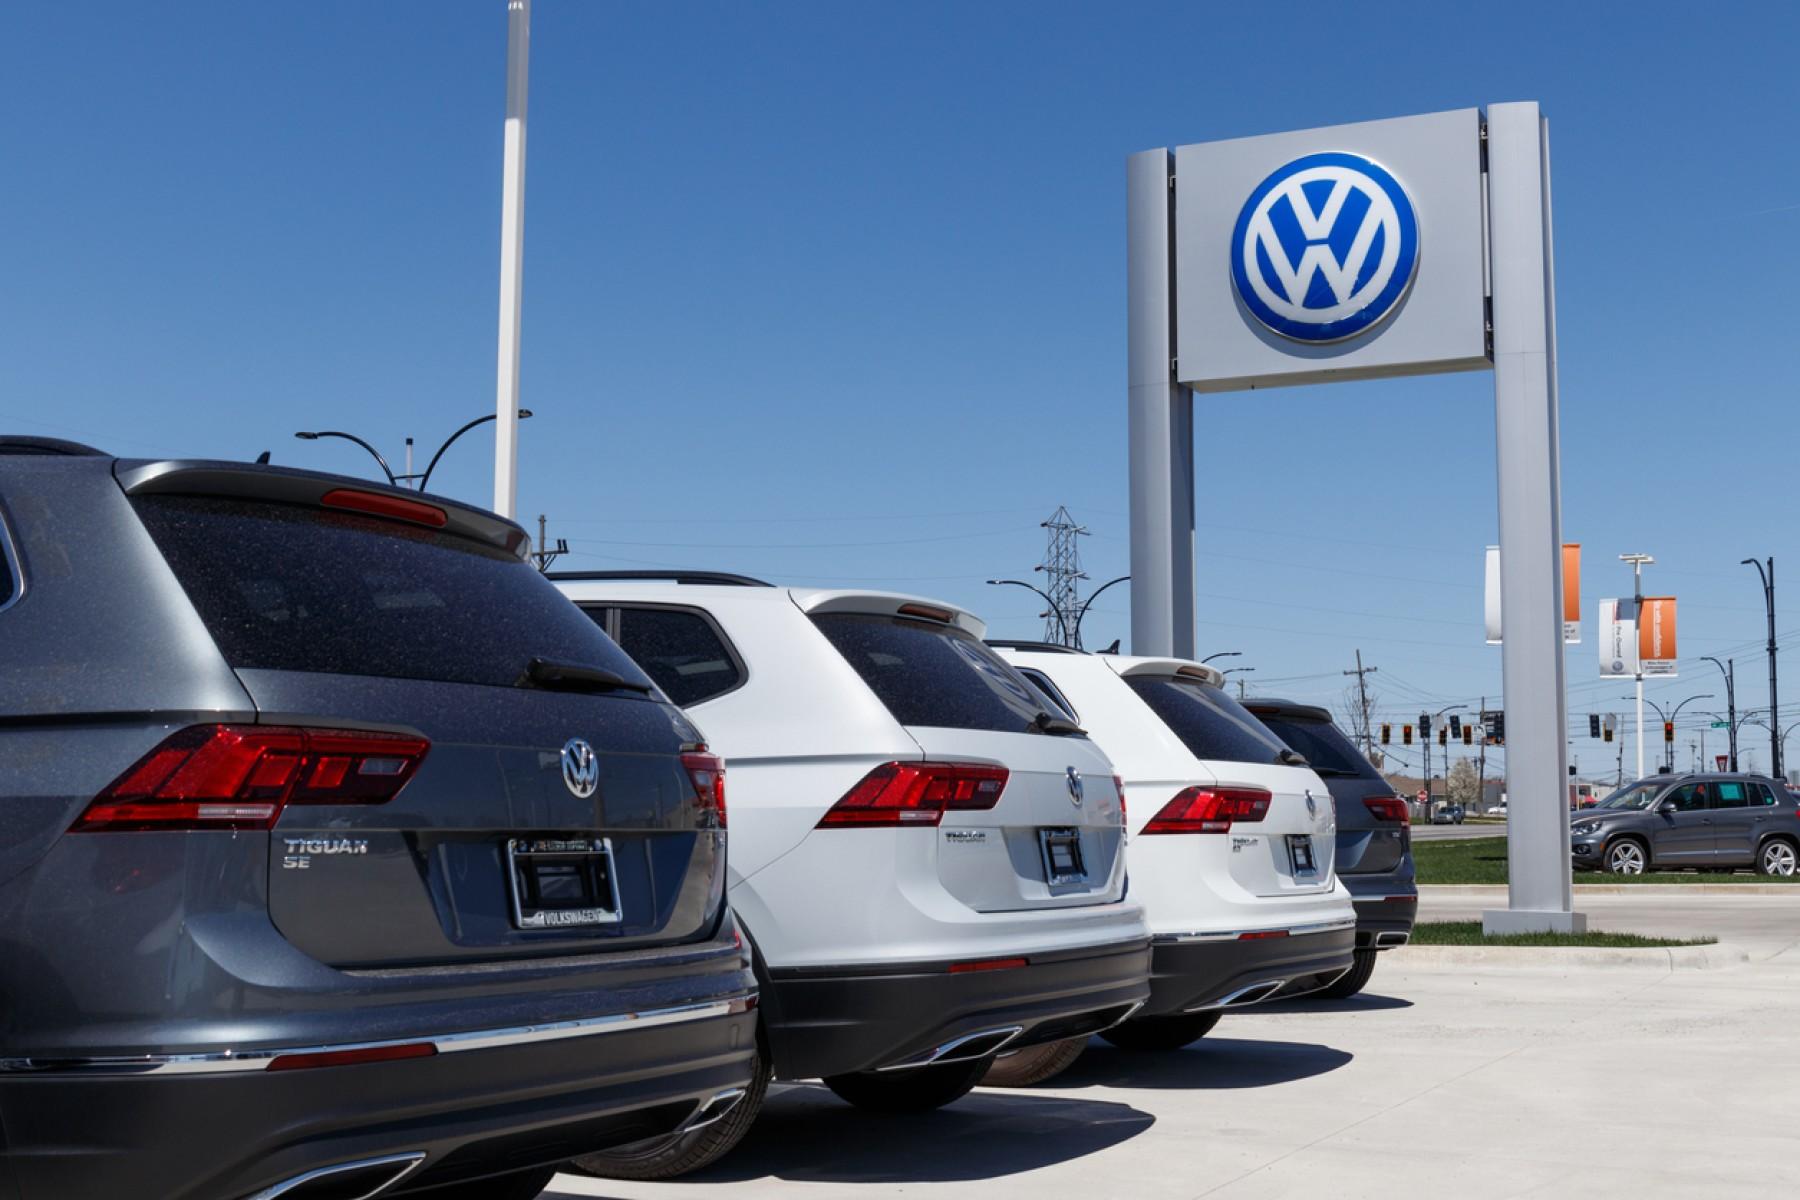 Volkswagen pide 'soluciones creativas' ante demanda de trabajadores de alza salarial